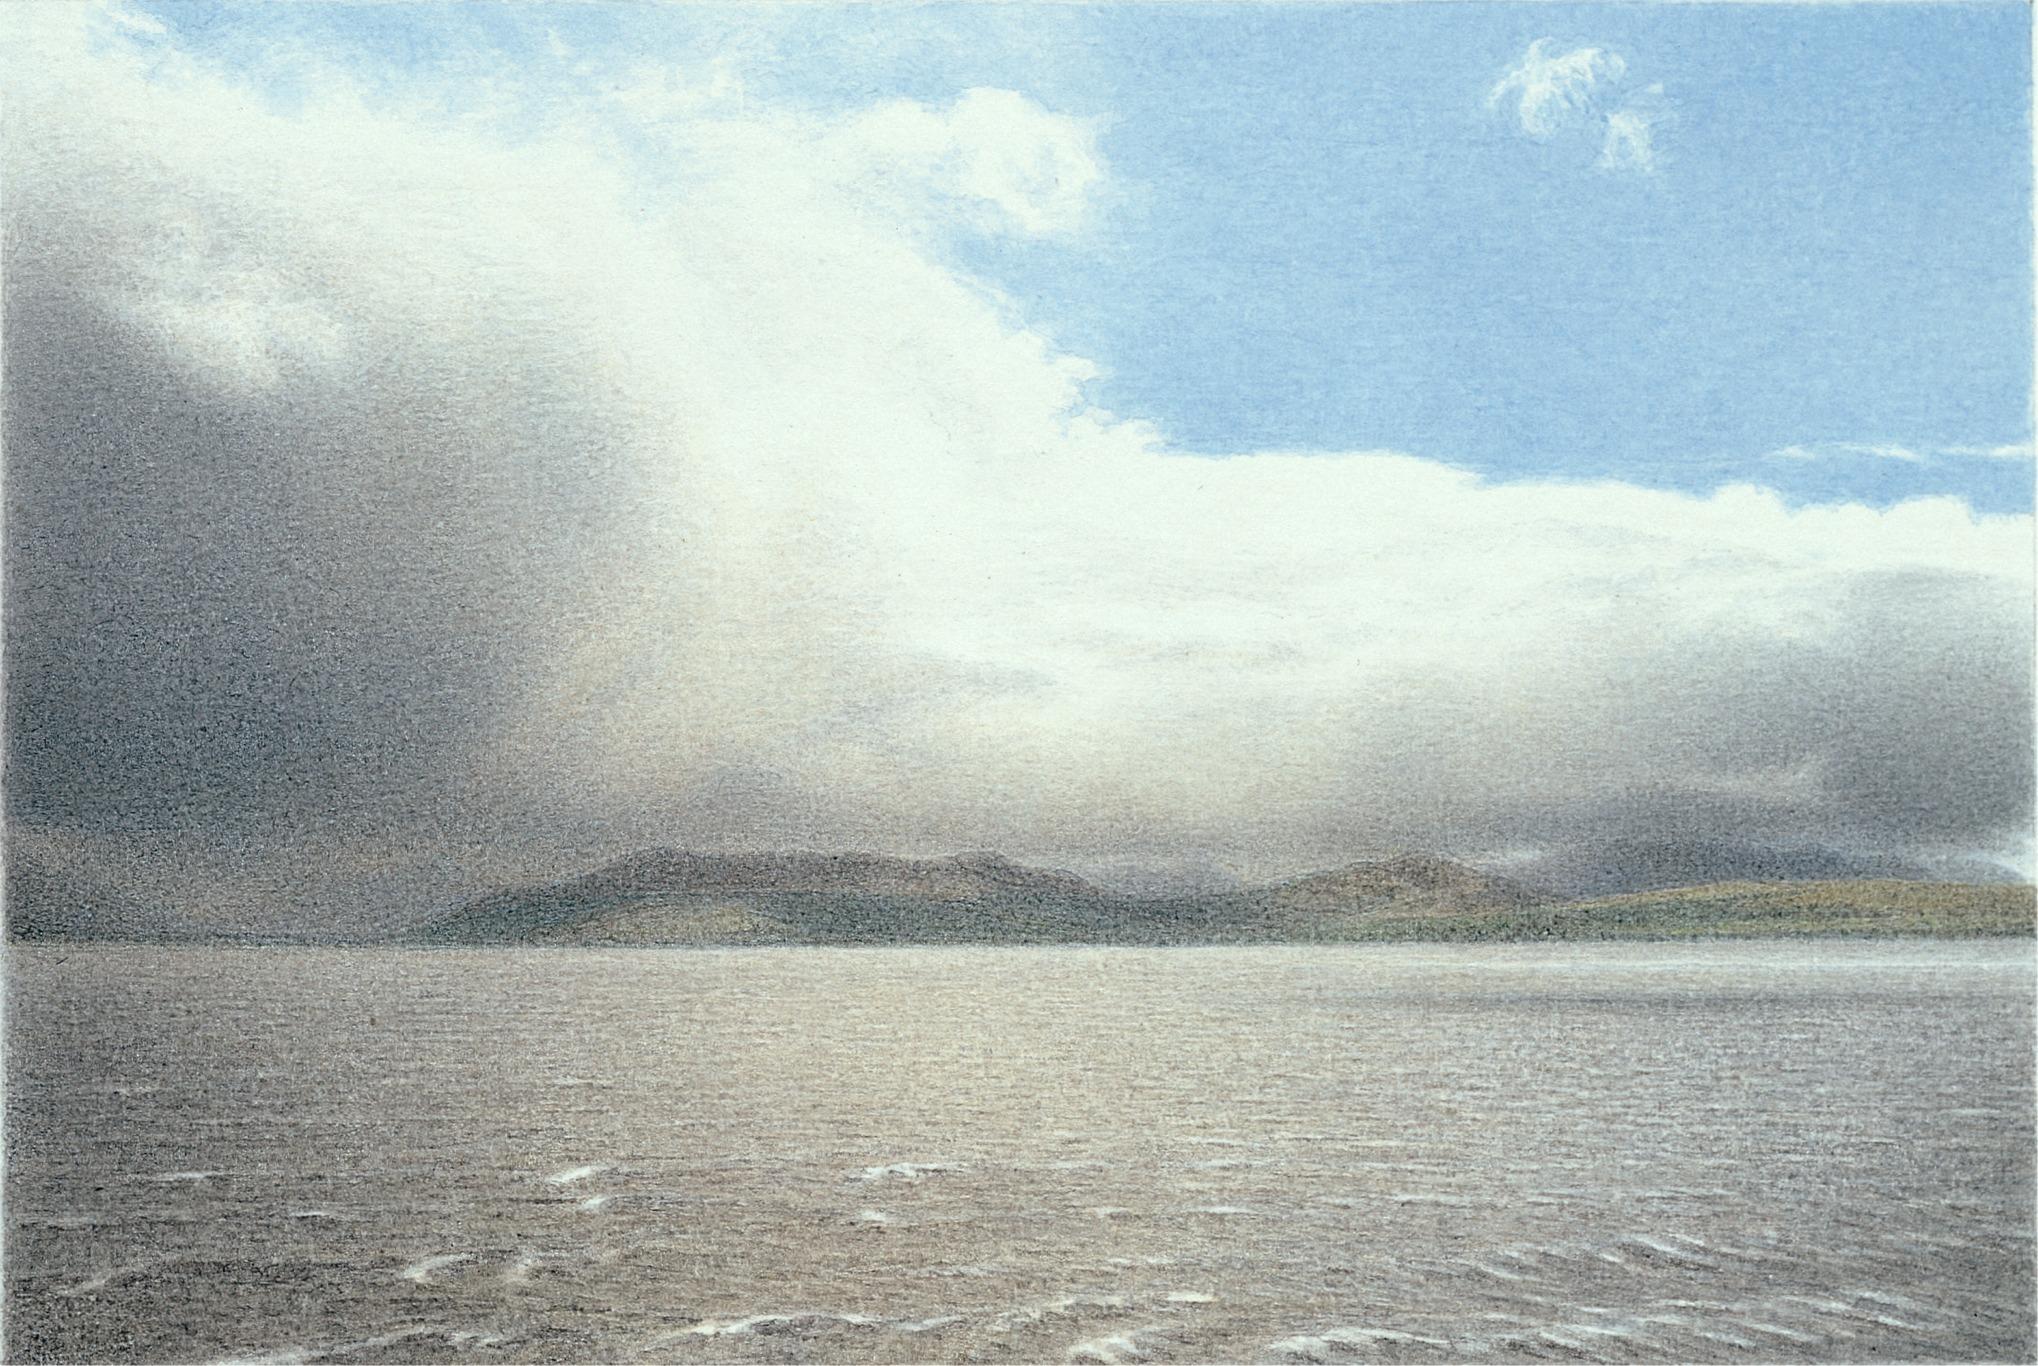 Mull-sea-area-Malin.jpg